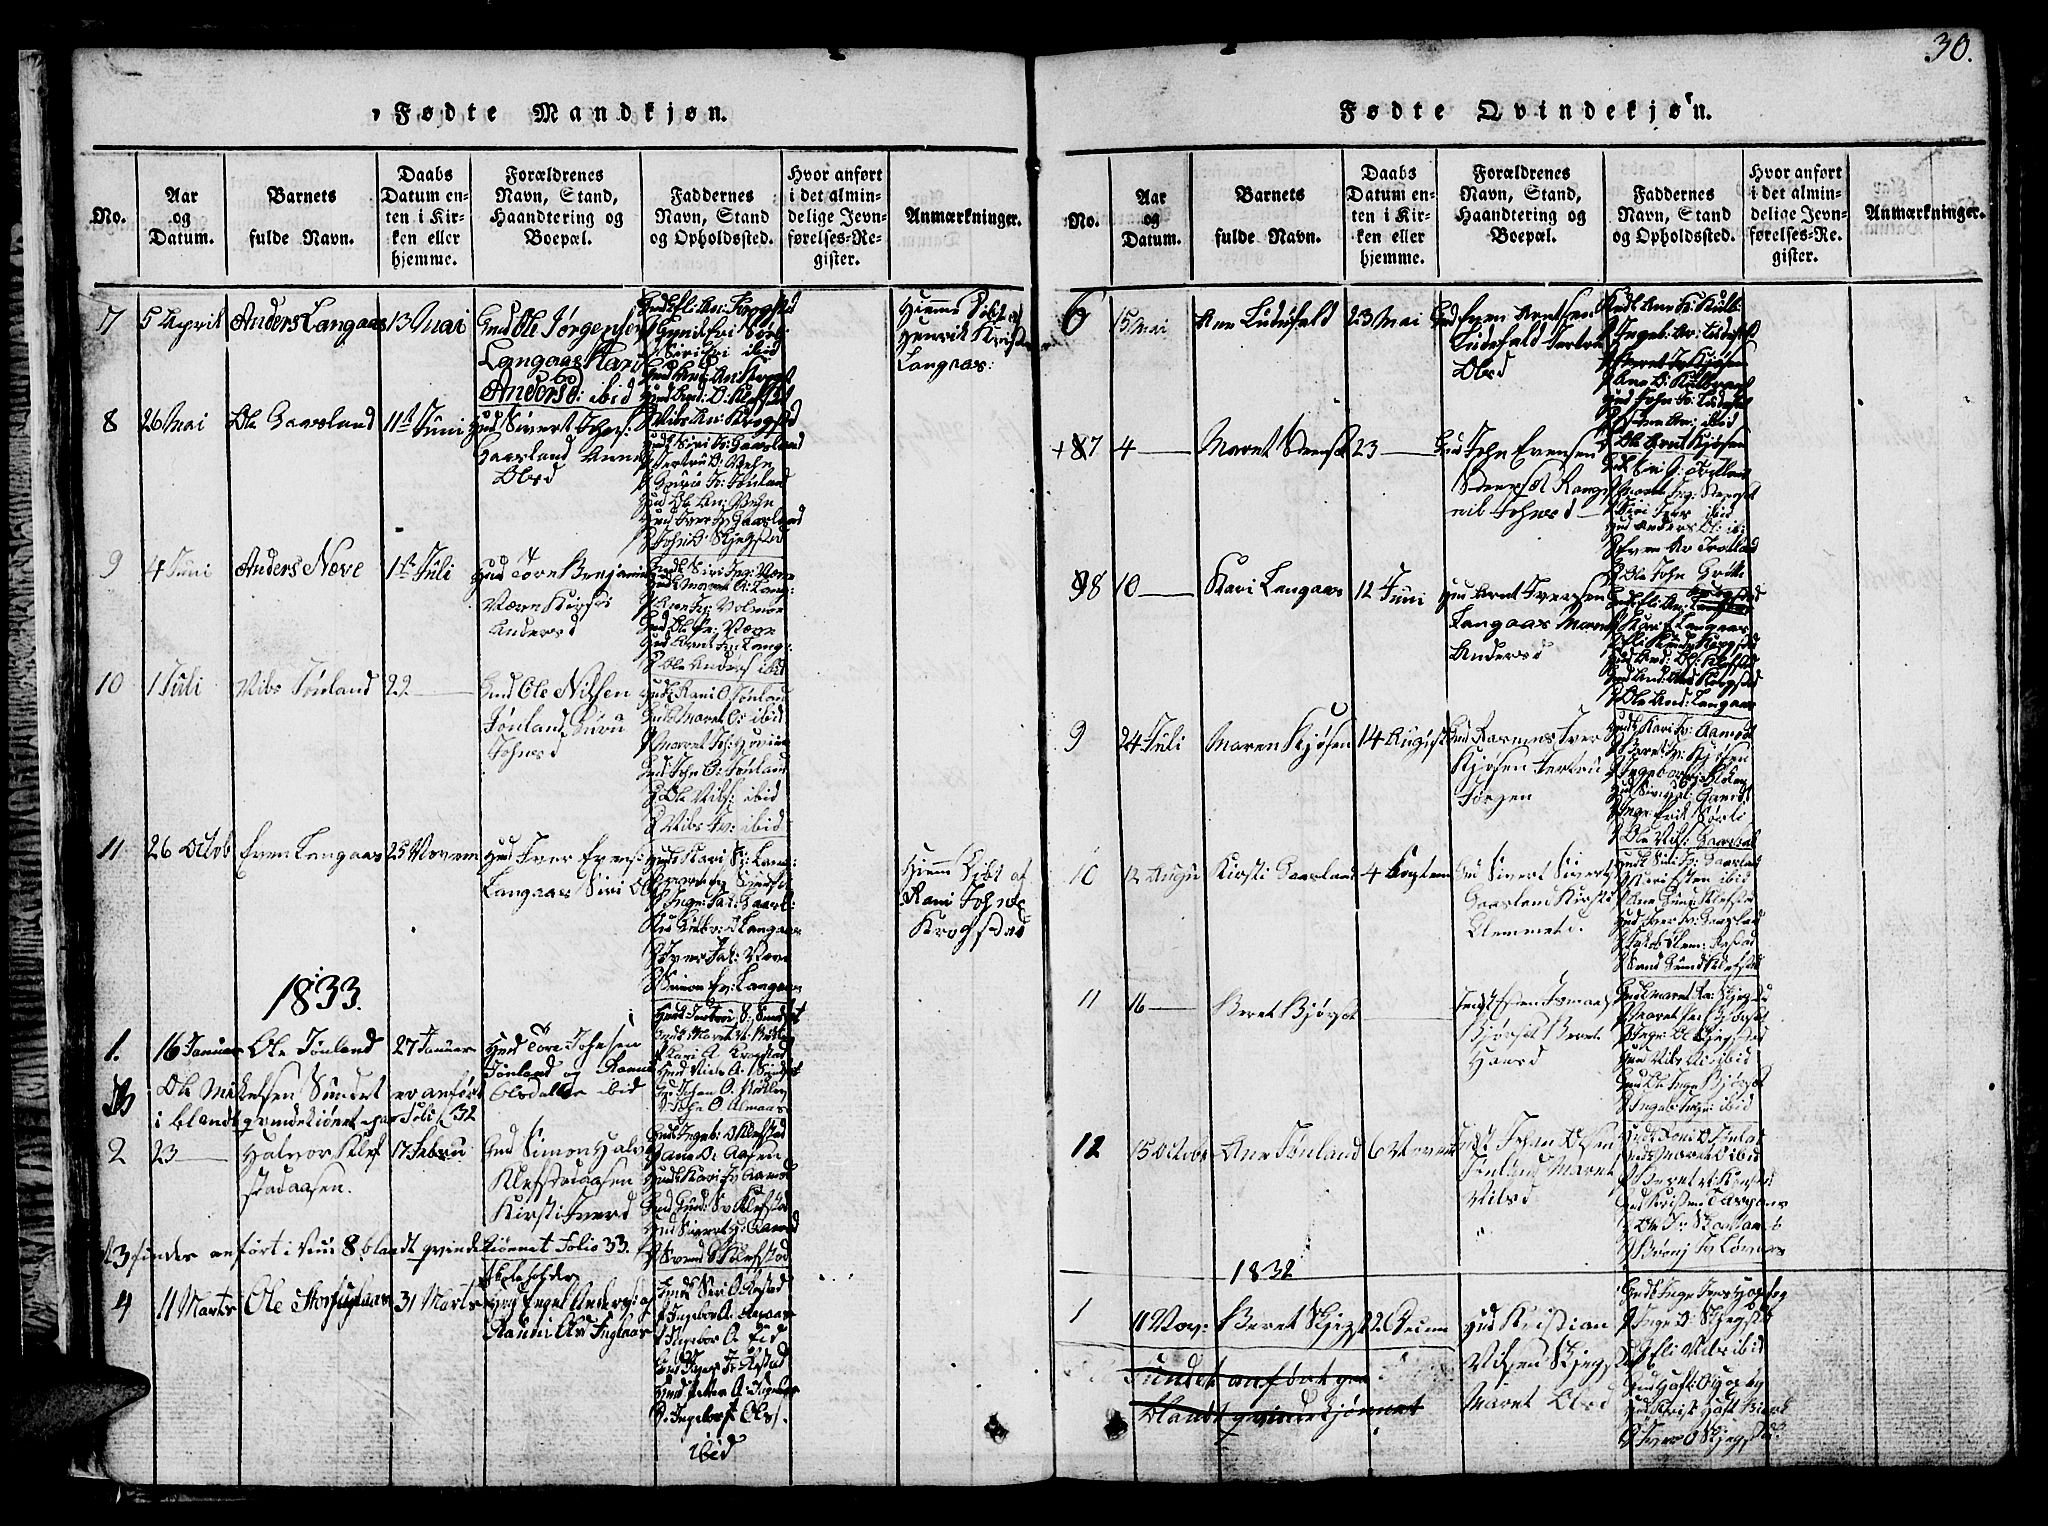 SAT, Ministerialprotokoller, klokkerbøker og fødselsregistre - Sør-Trøndelag, 694/L1130: Klokkerbok nr. 694C02, 1816-1857, s. 30